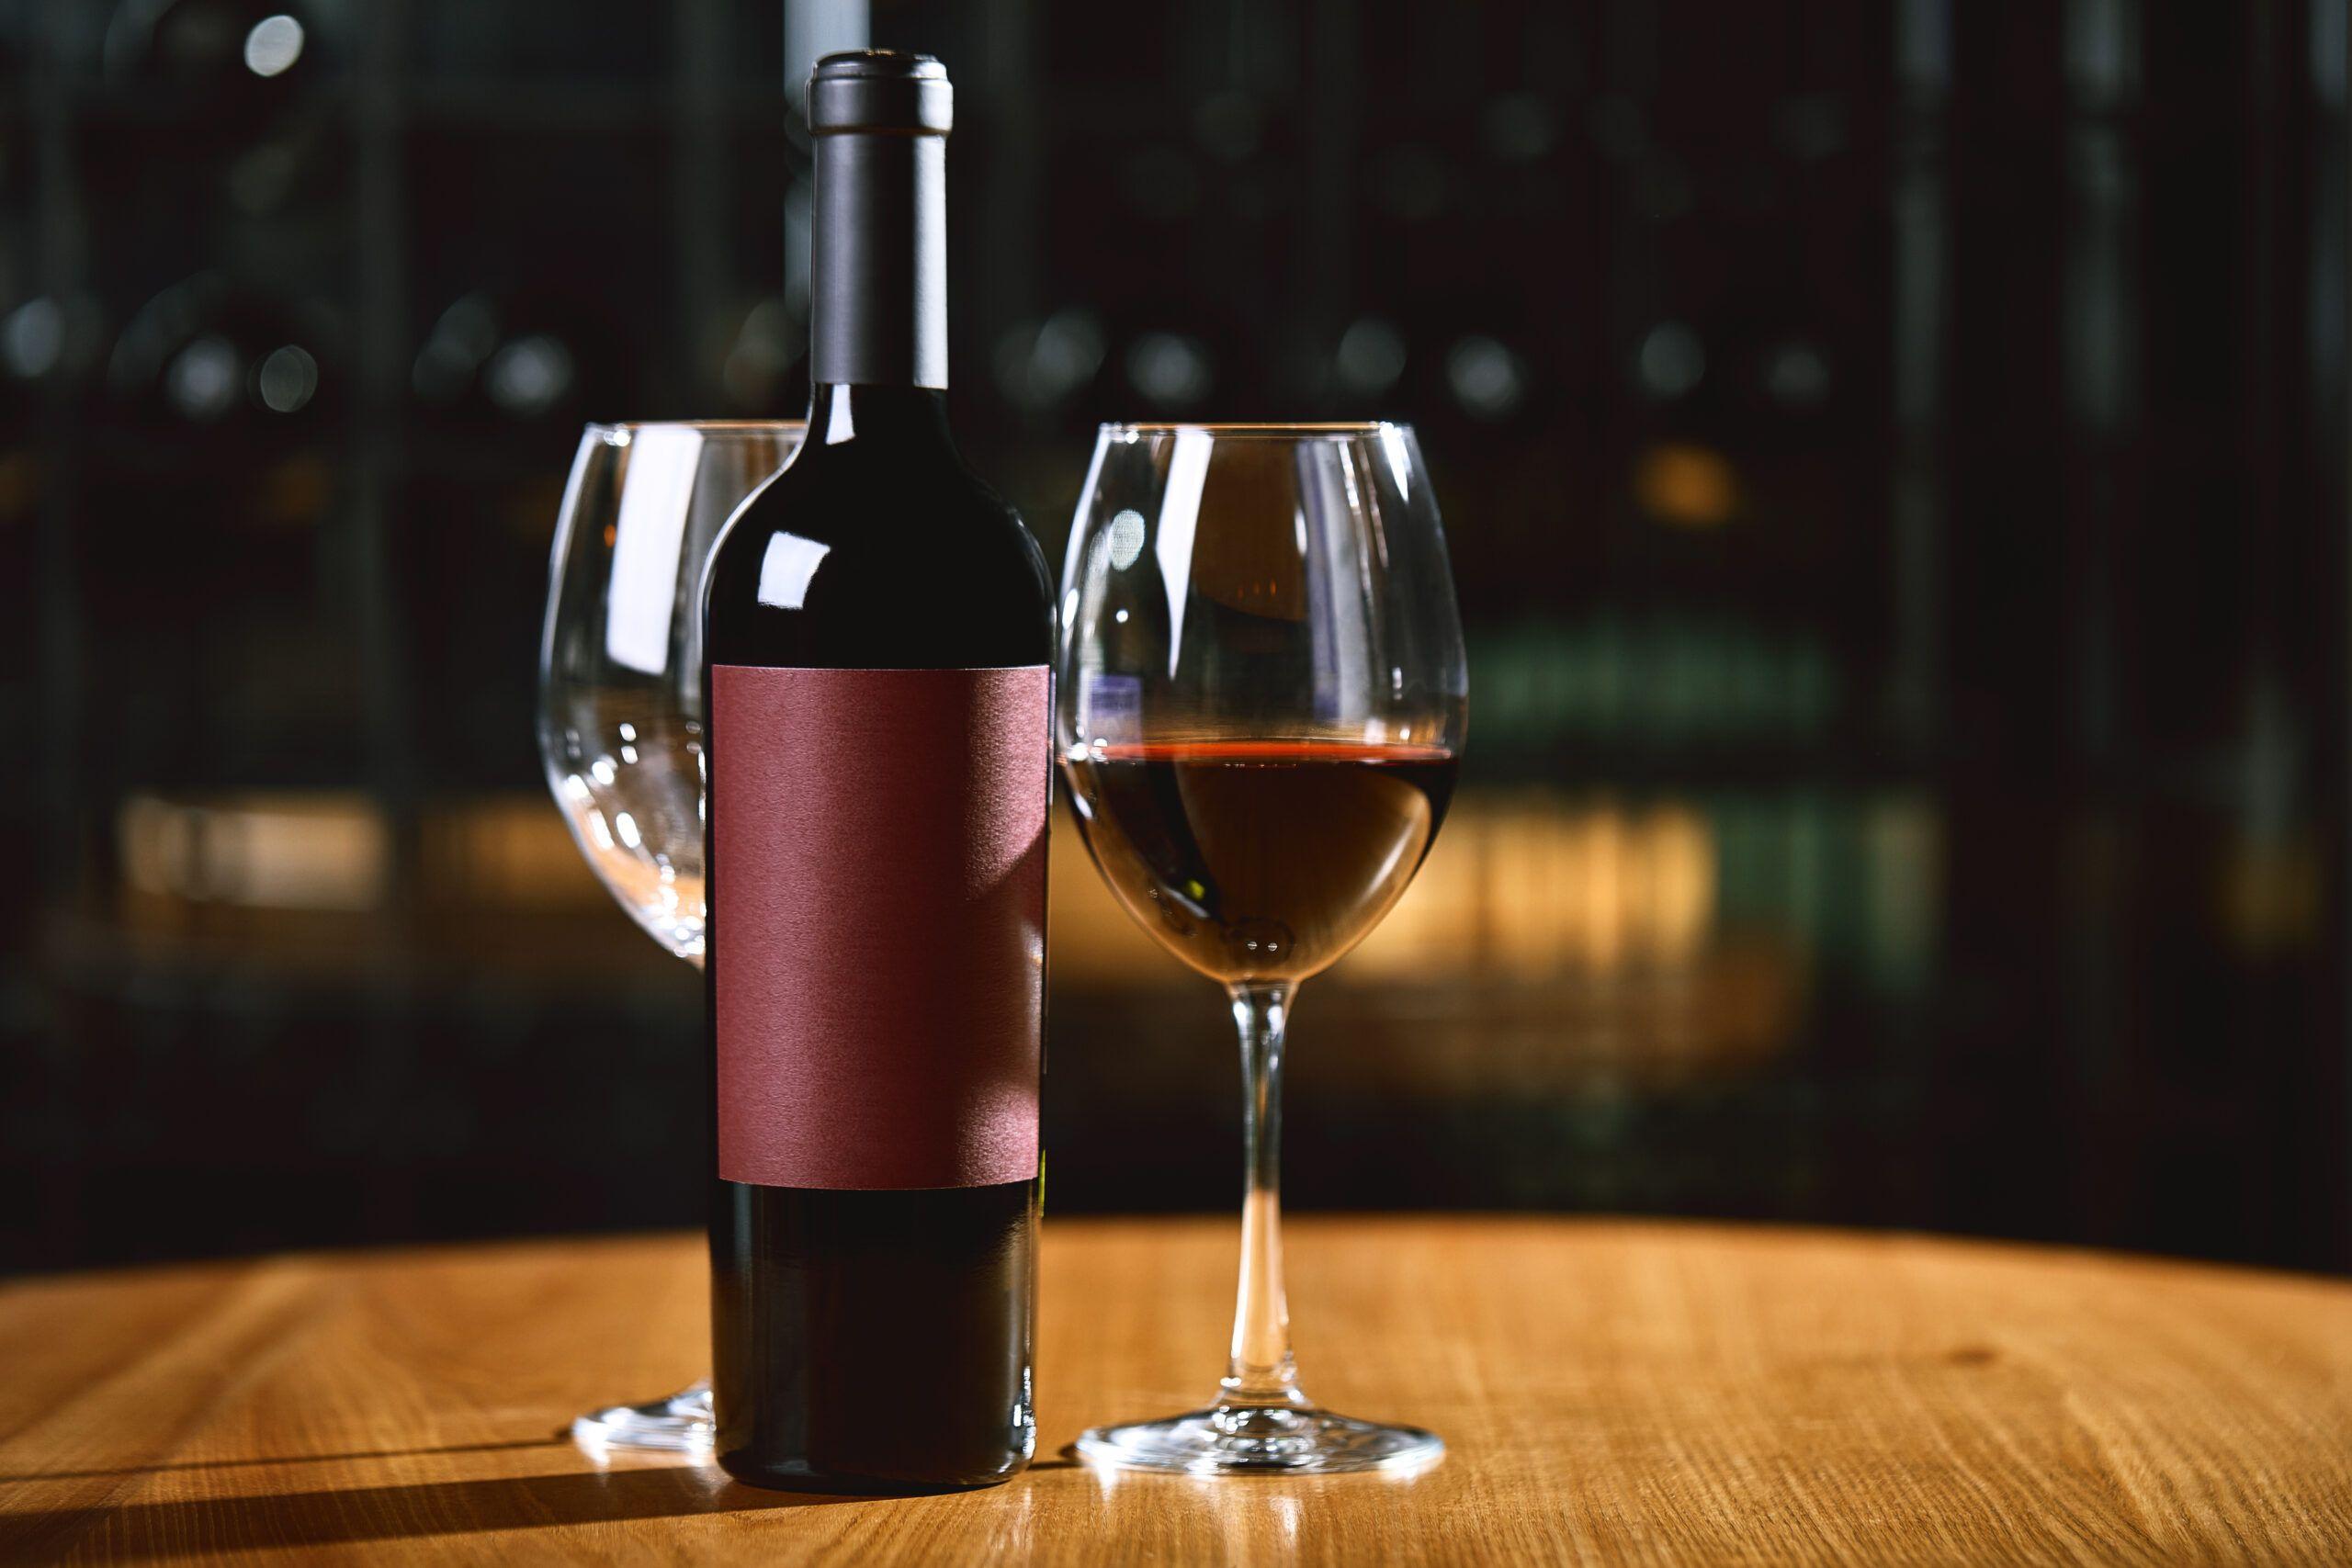 Para qué sirve decantar un vino